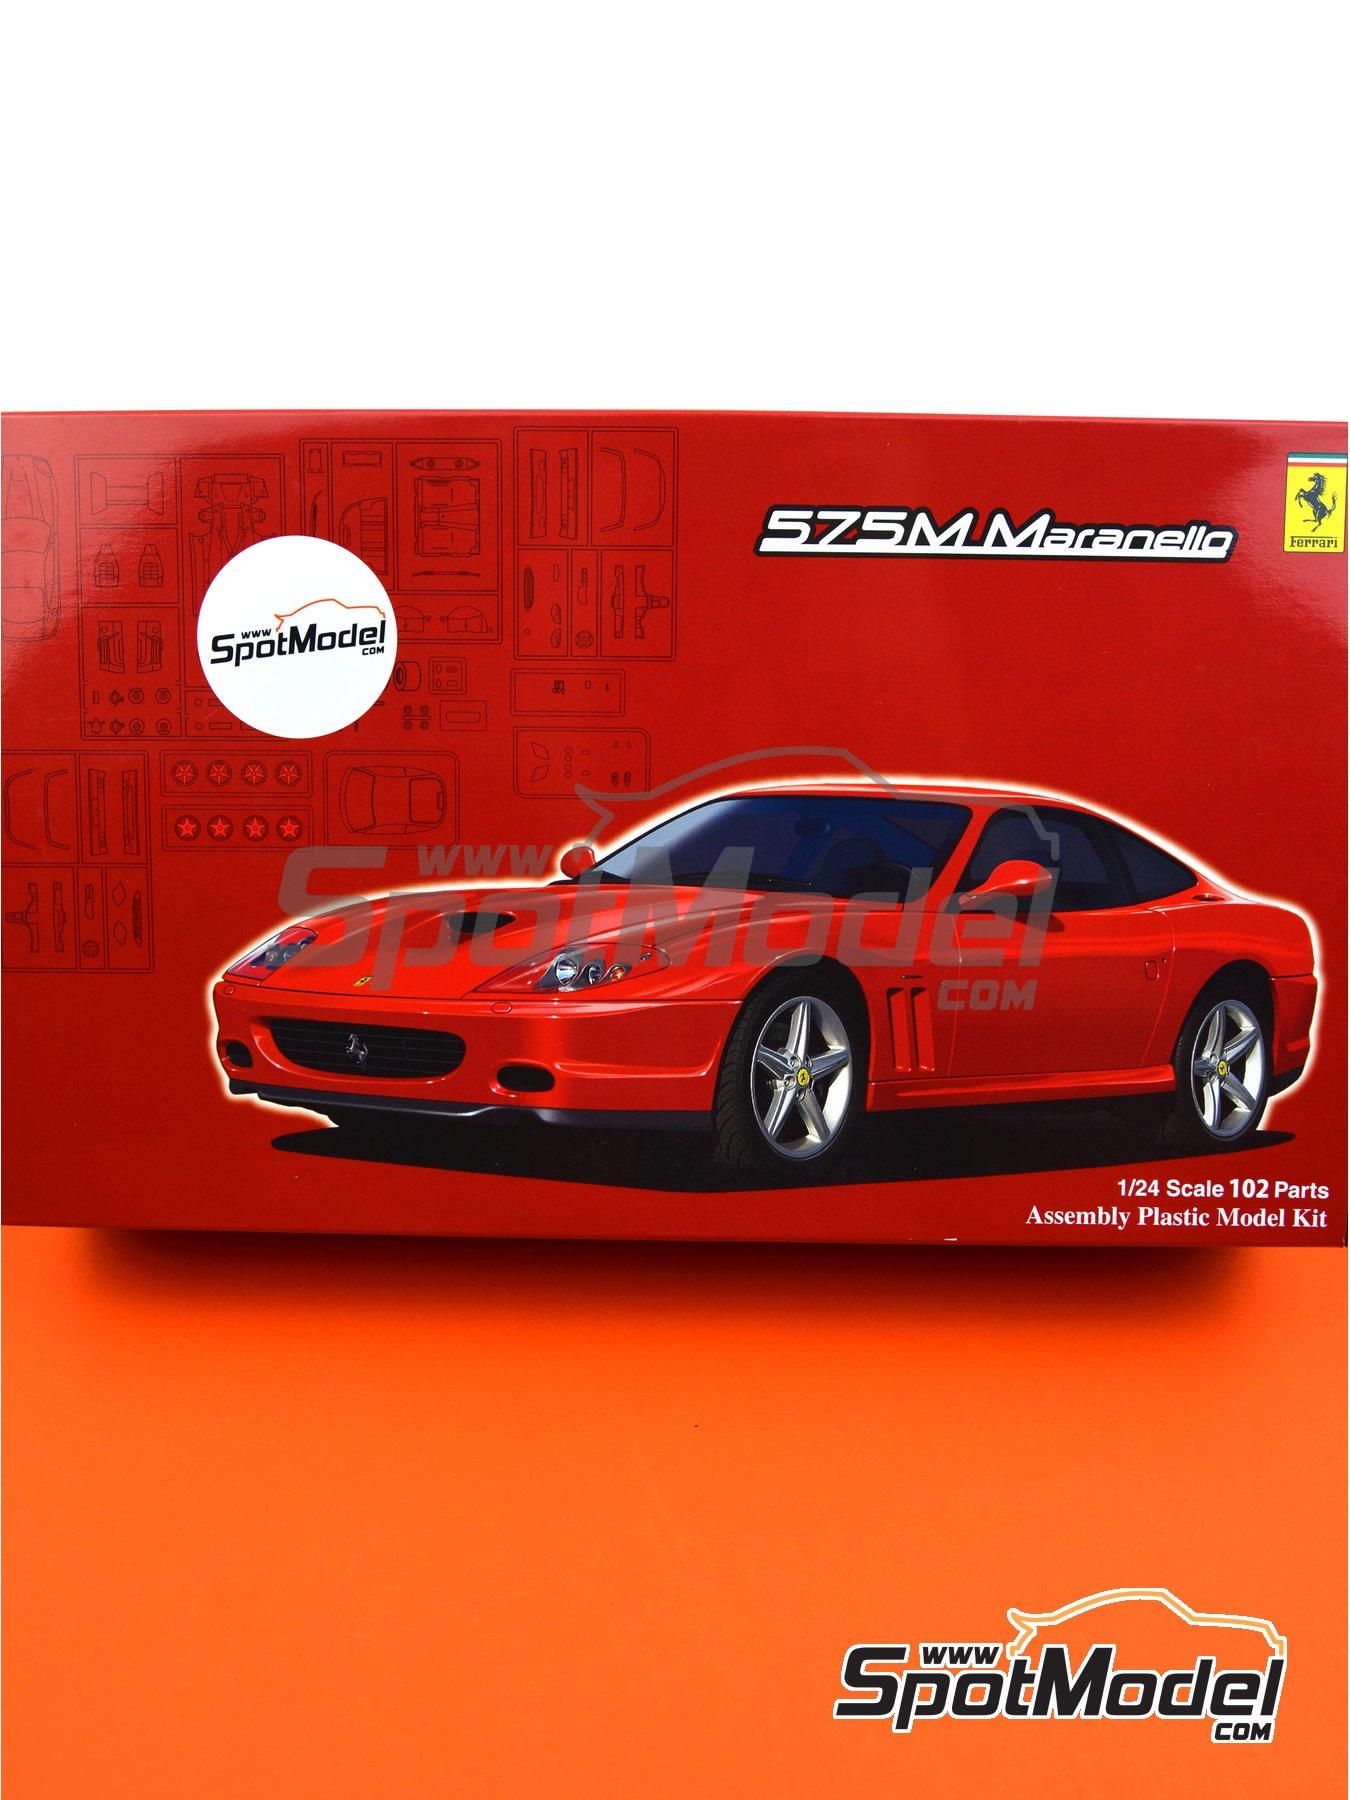 Ferrari 575M / 550 Maranello | Maqueta de coche en escala1/24 fabricado por Fujimi (ref.FJ126531, tambien 126531 y RS-117) image